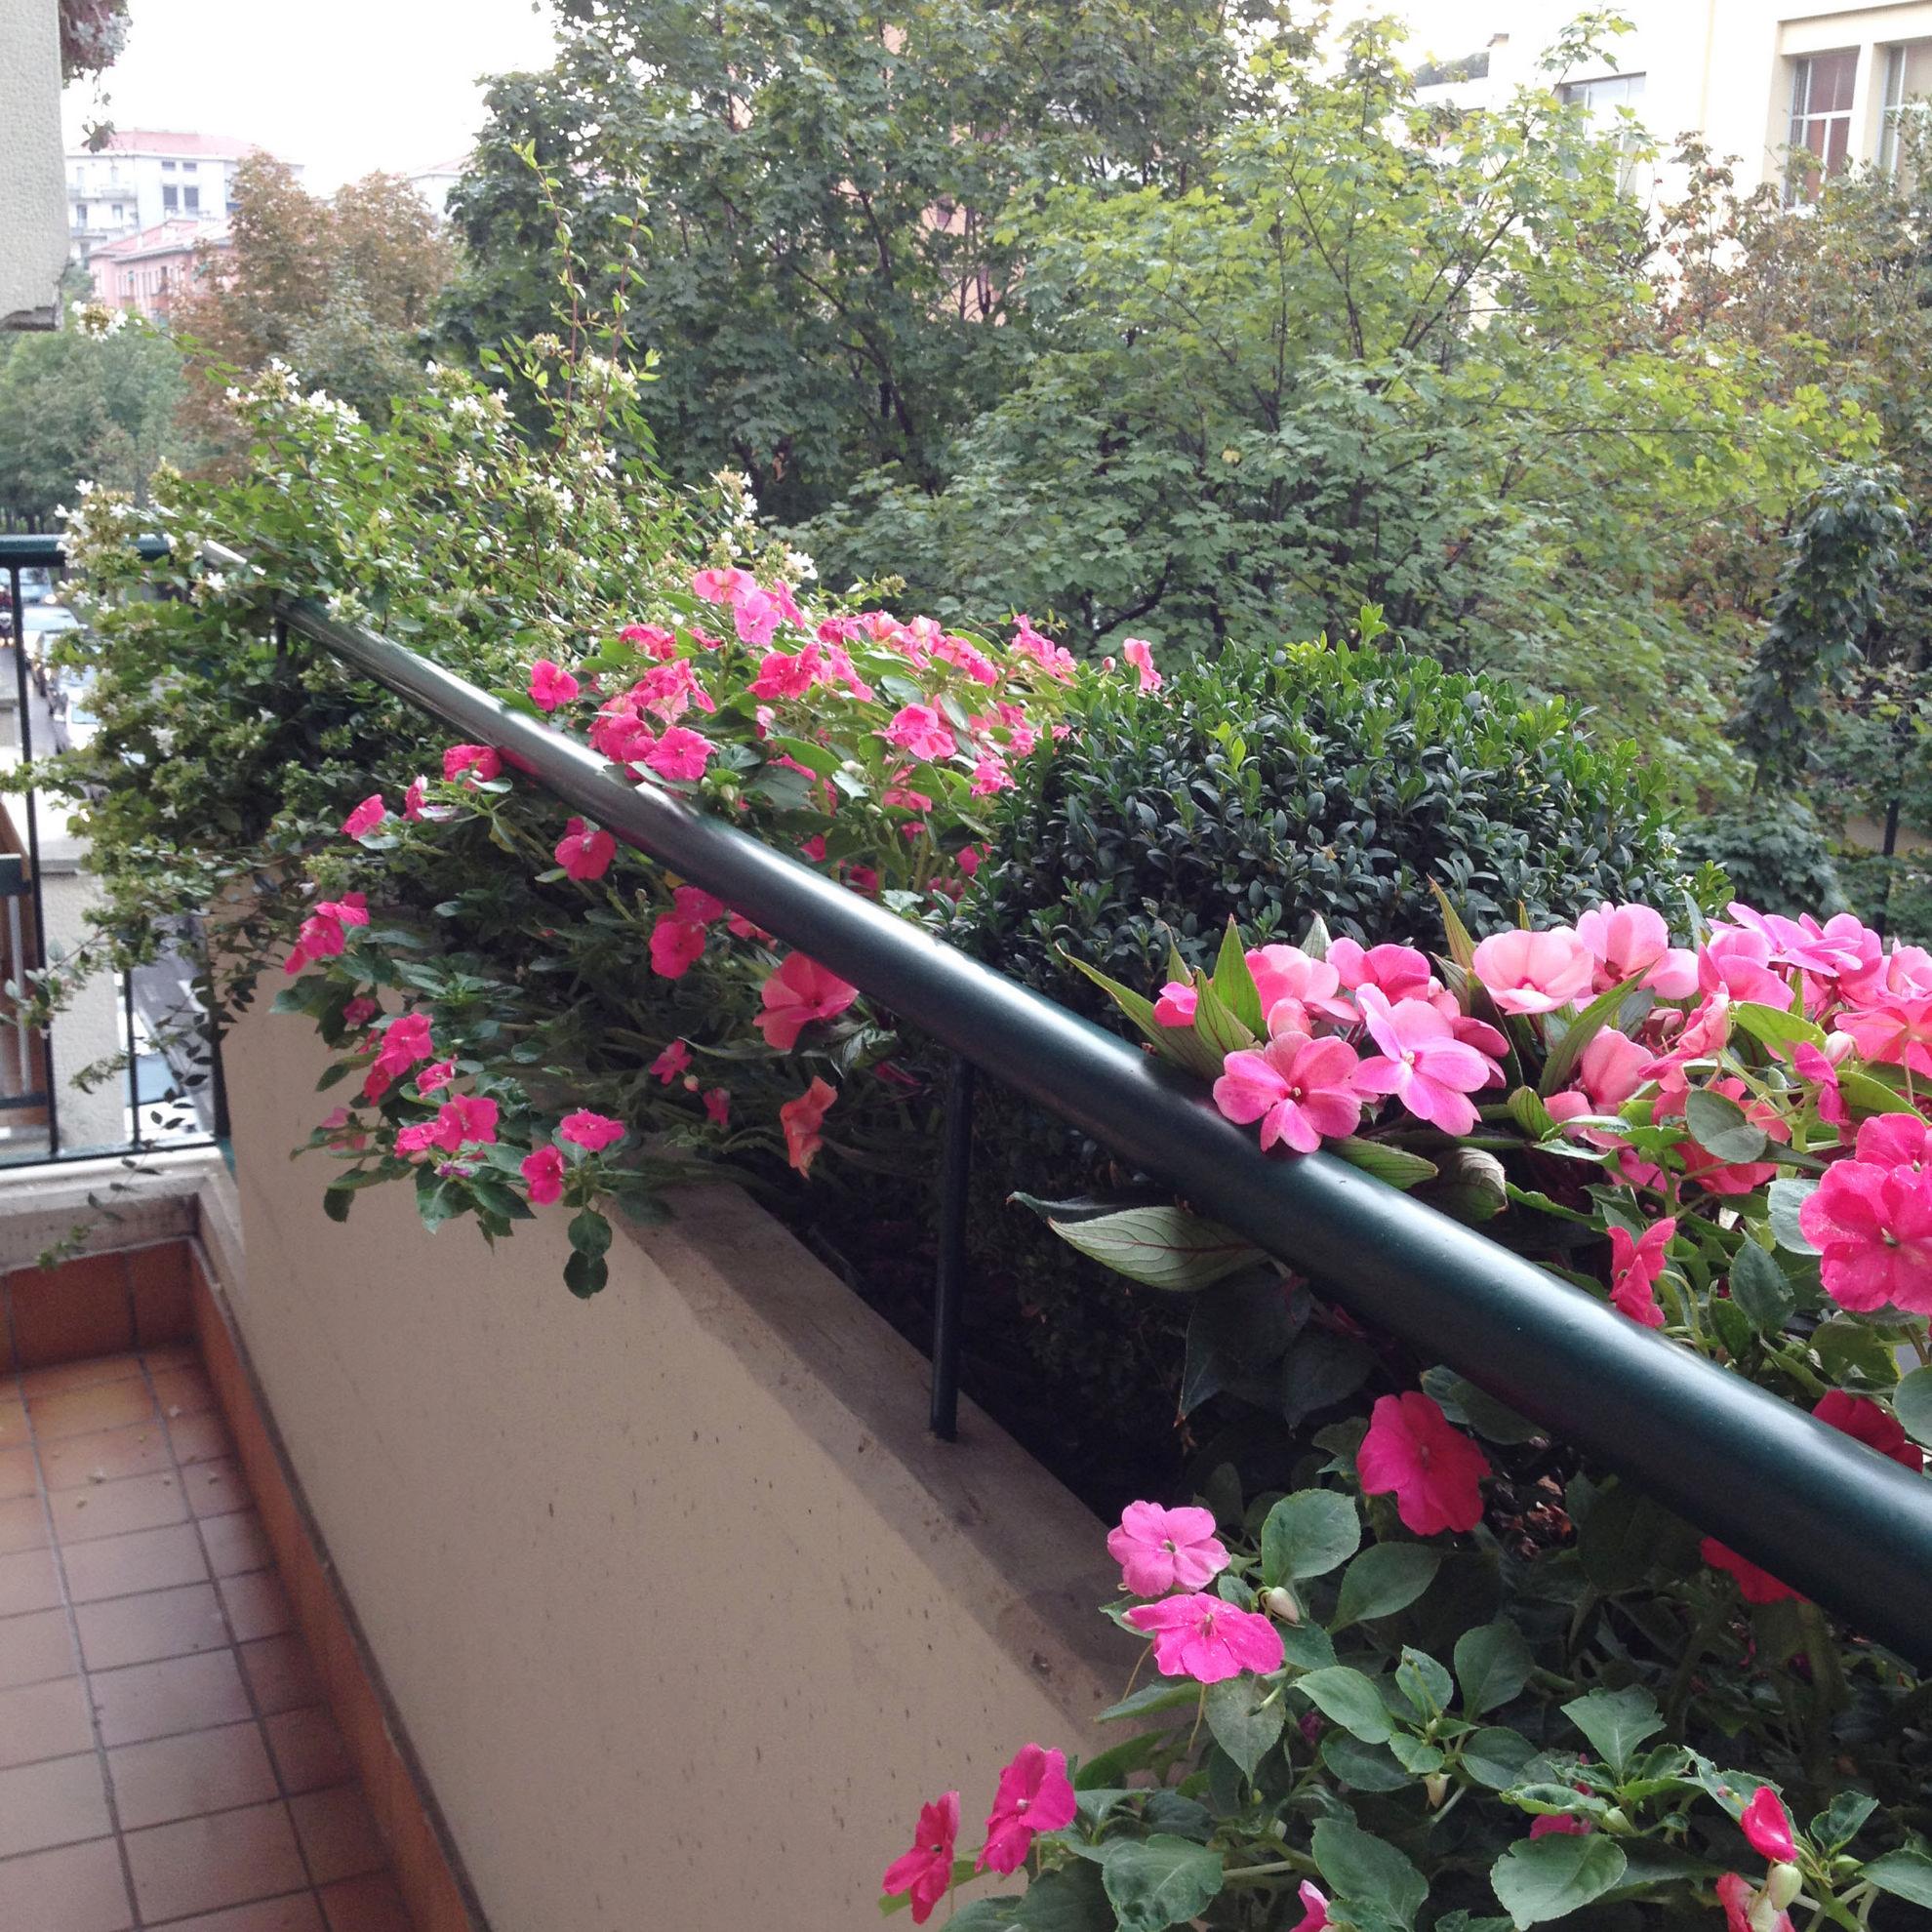 Realizzazione terrazzi fioriti a milano puligreen for Terrazzi fioriti